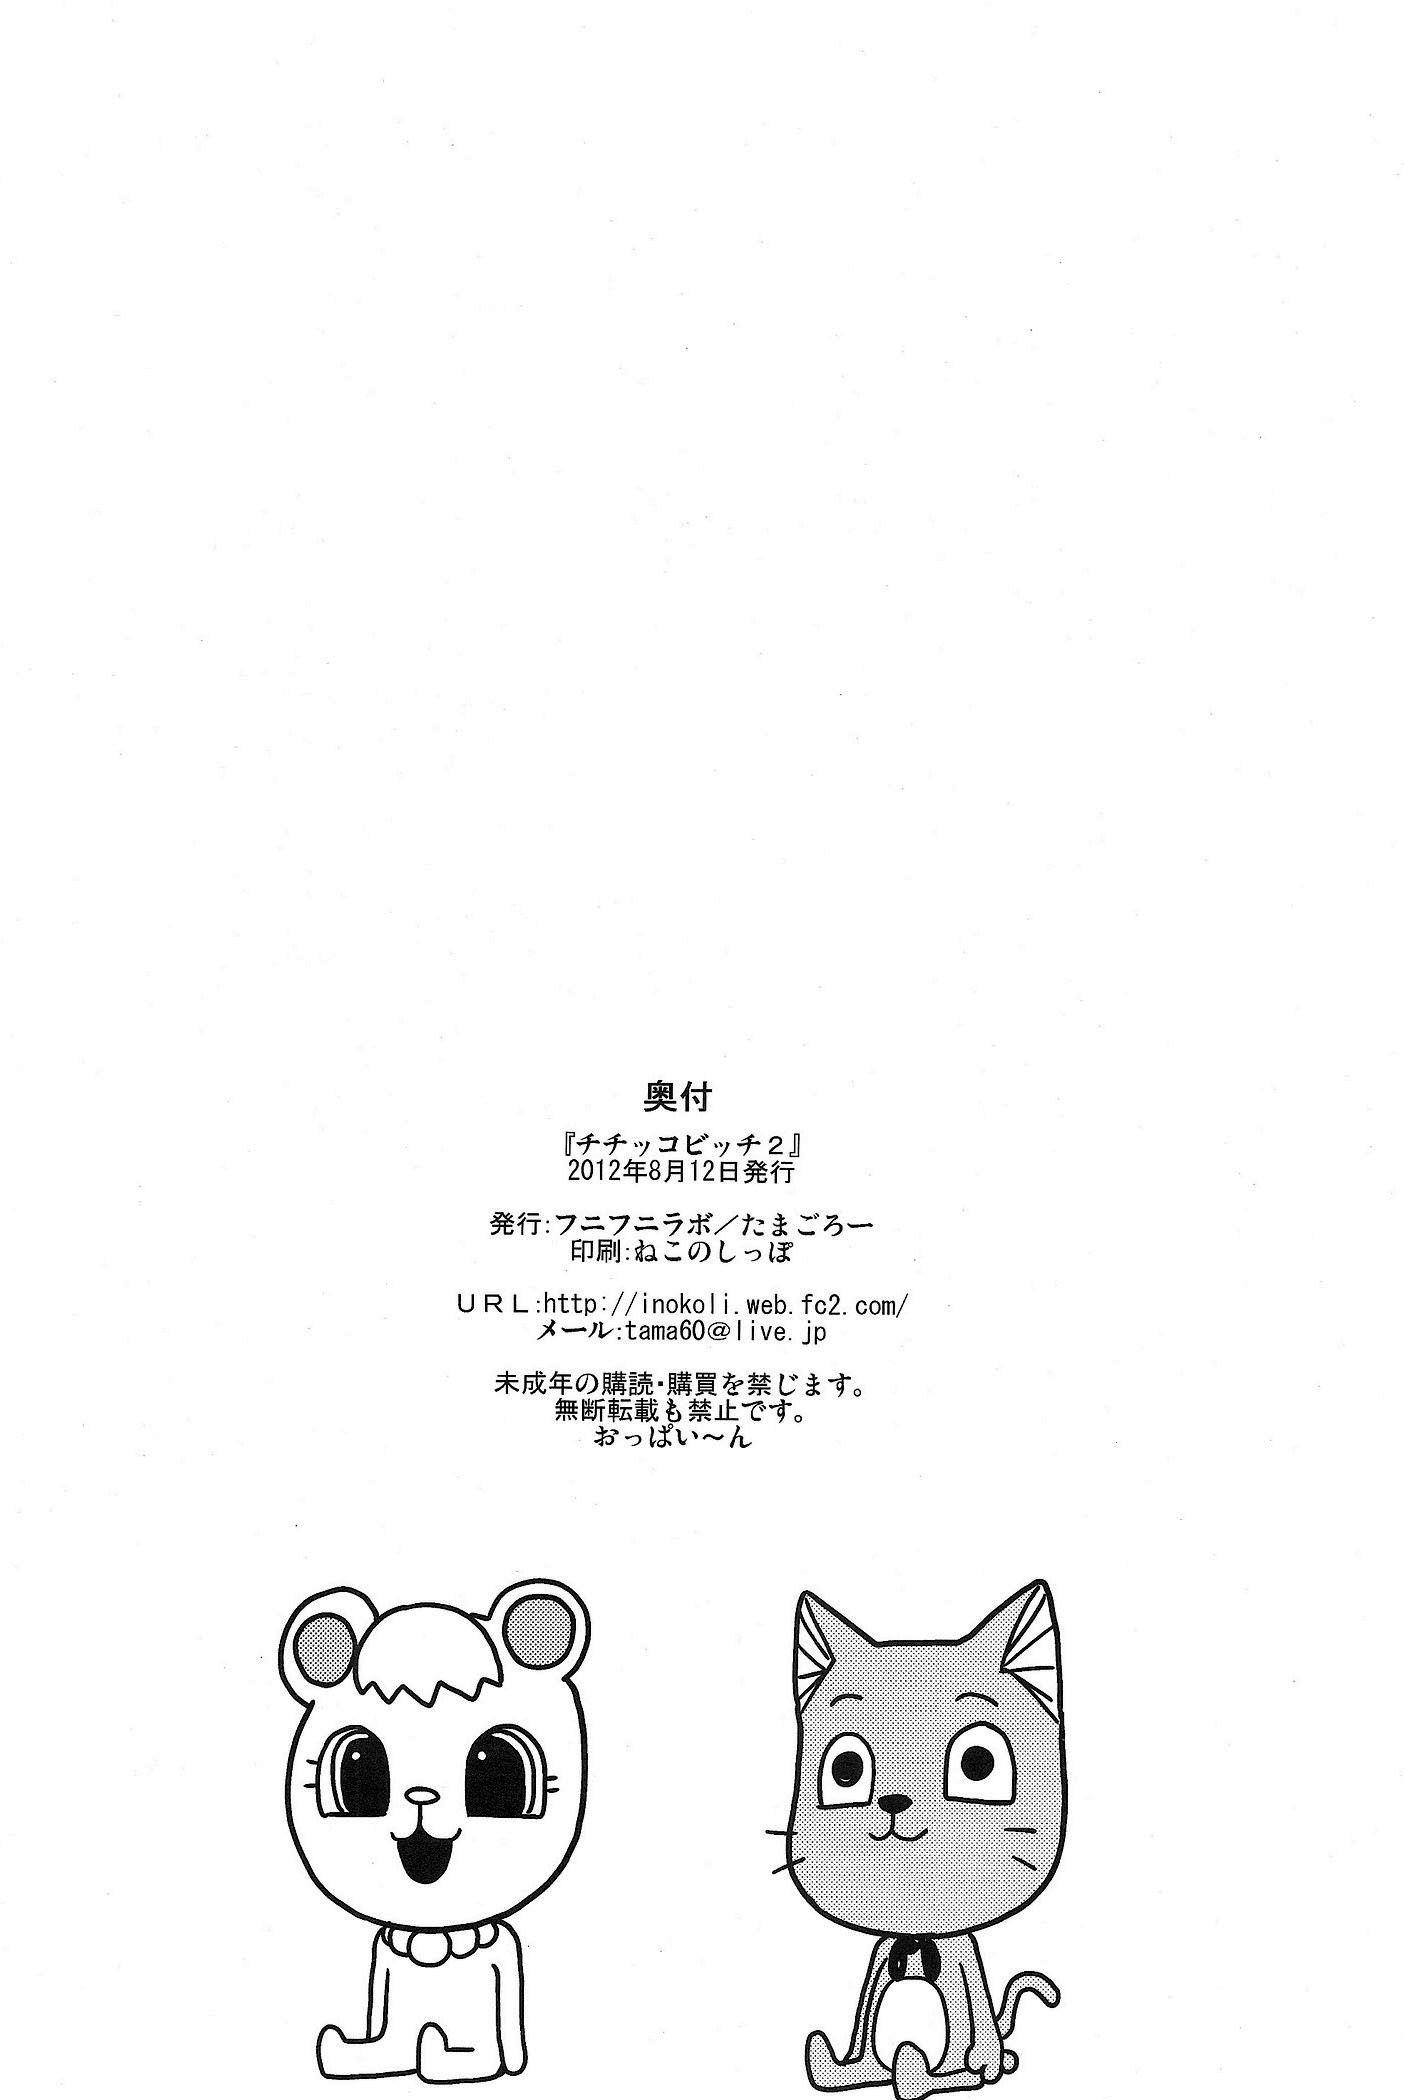 Chichikko bitch 2 hentai manga picture 24